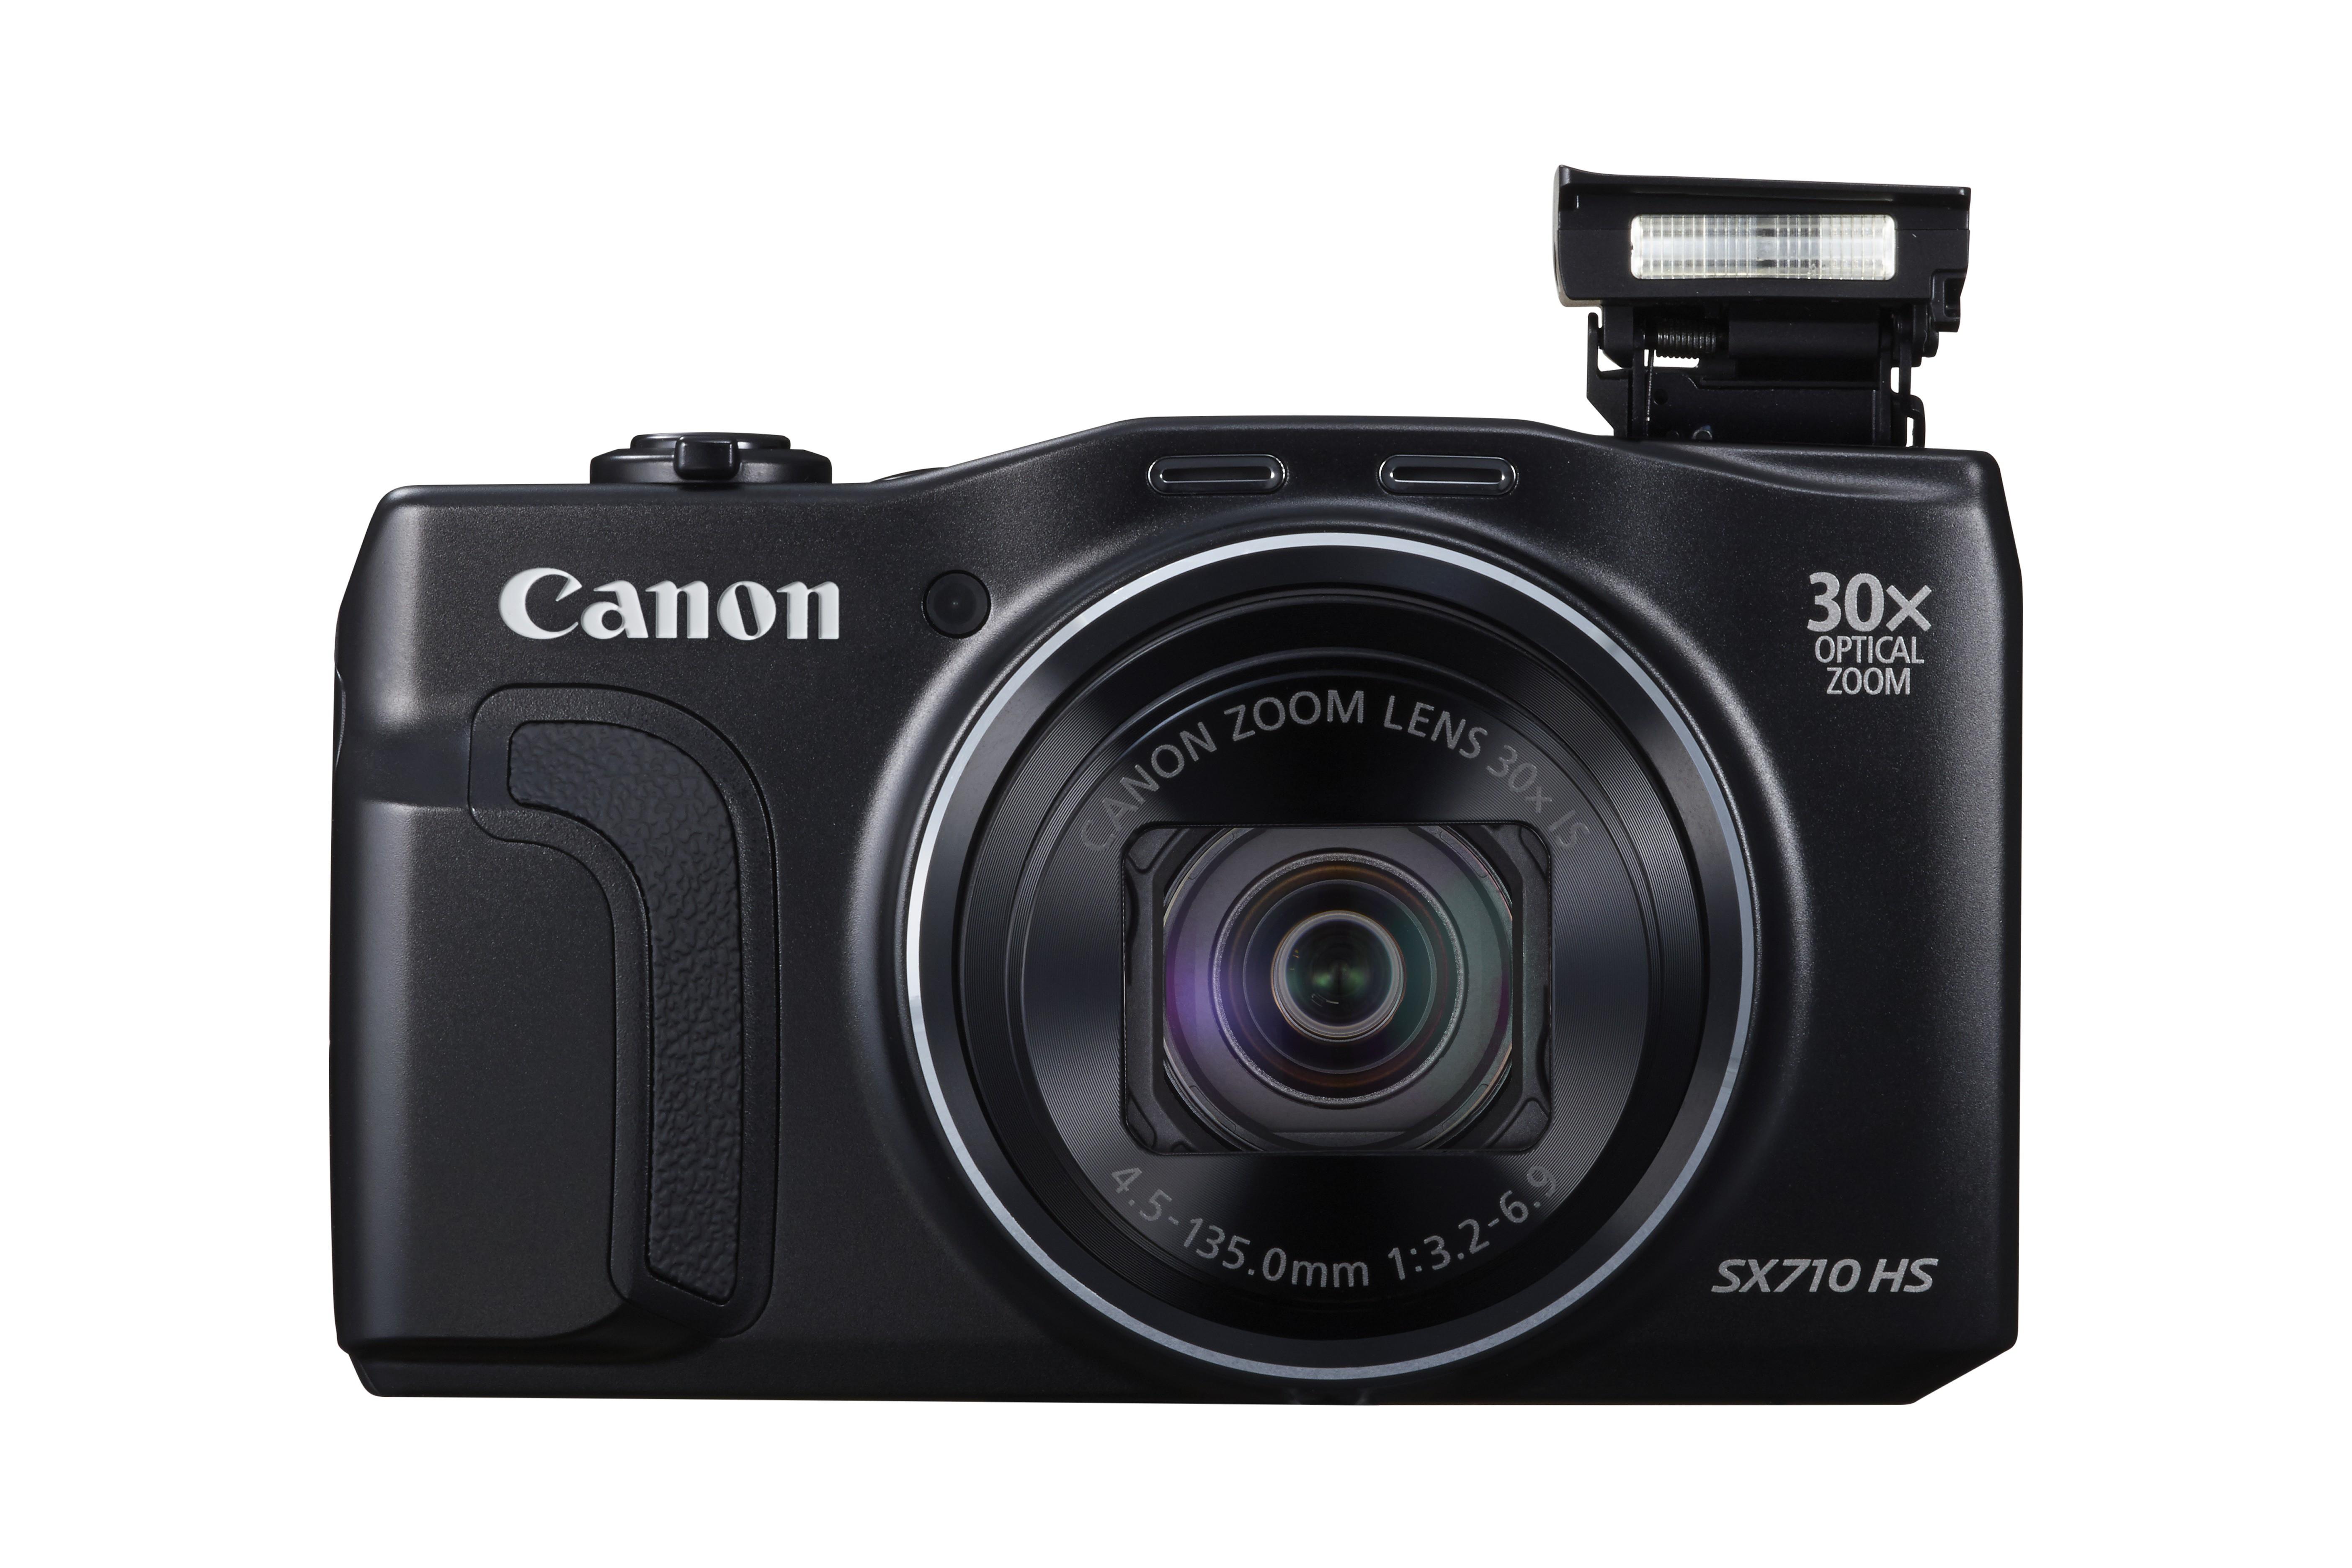 canon powershot sx710 hs test complet appareil photo num rique les num riques. Black Bedroom Furniture Sets. Home Design Ideas